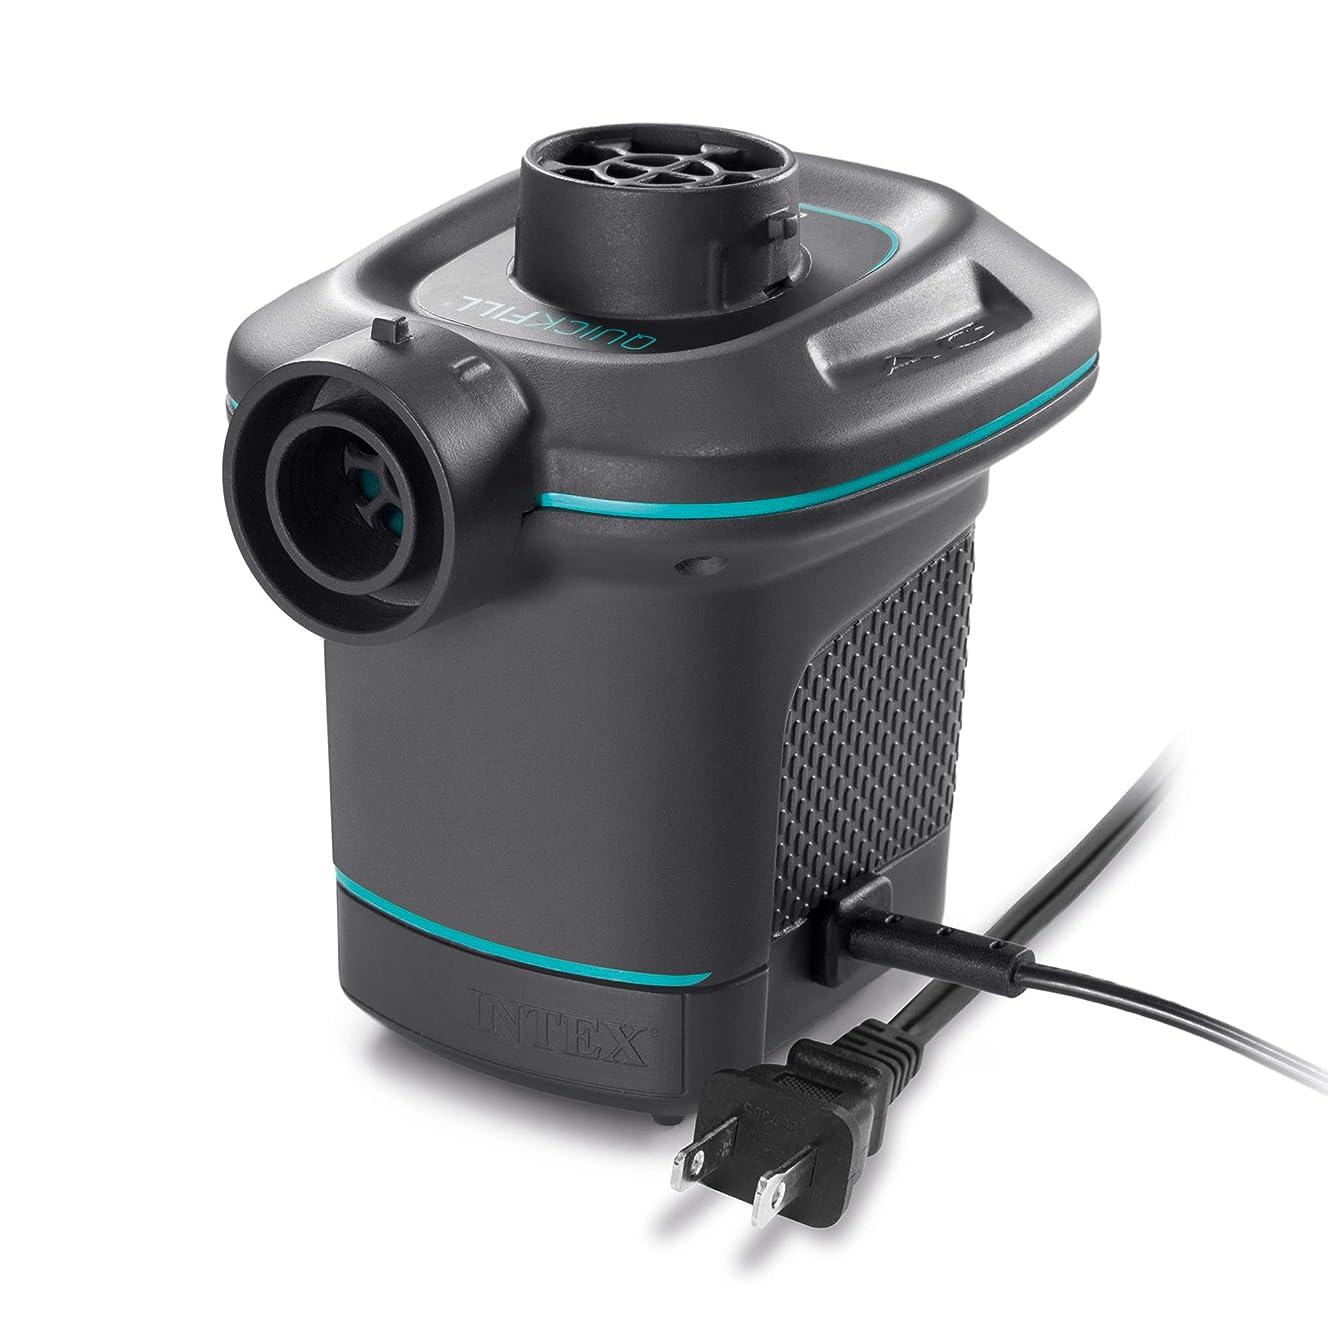 Intex Quick-Fill Ac Electric Air Pump, 110-120V, Max. Air Flow 21.2Cfm